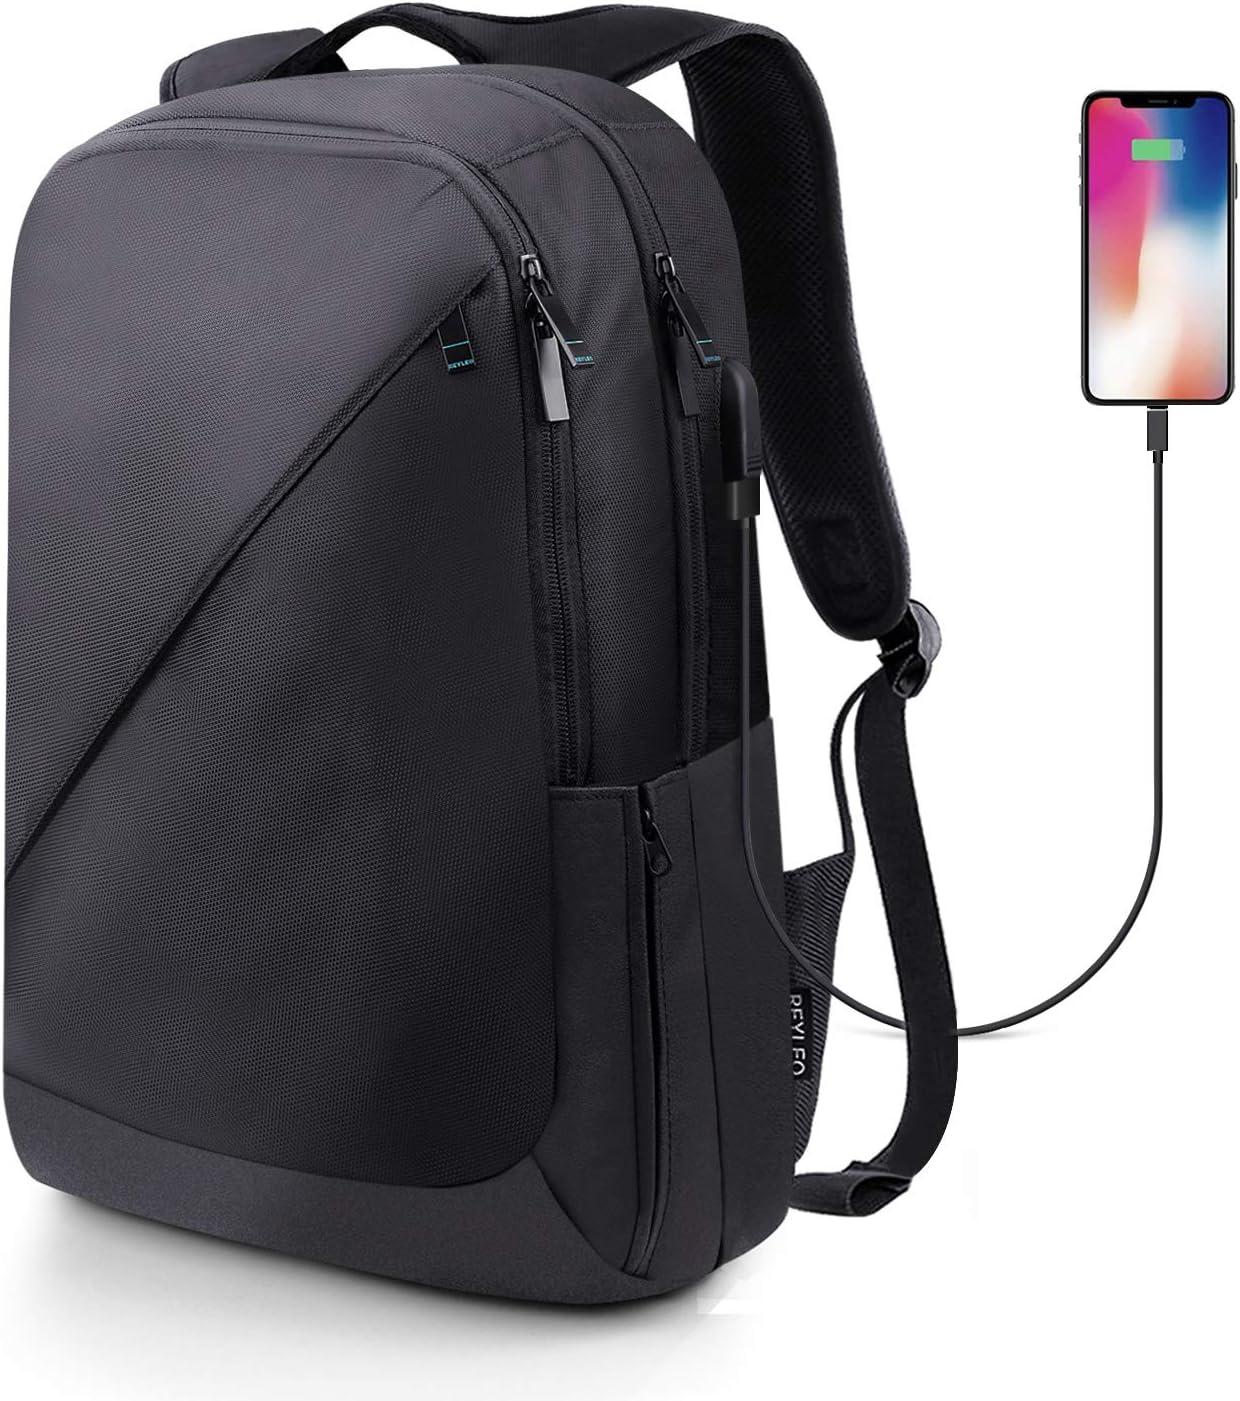 REYLEO Mochila de Portátil de Segunda Generación Hasta 15,6 Pulgadas Backpack Impermeable Para Ordenador del Negocio Trabajo Diario Viaje - 26L Negro RB01 PLUS